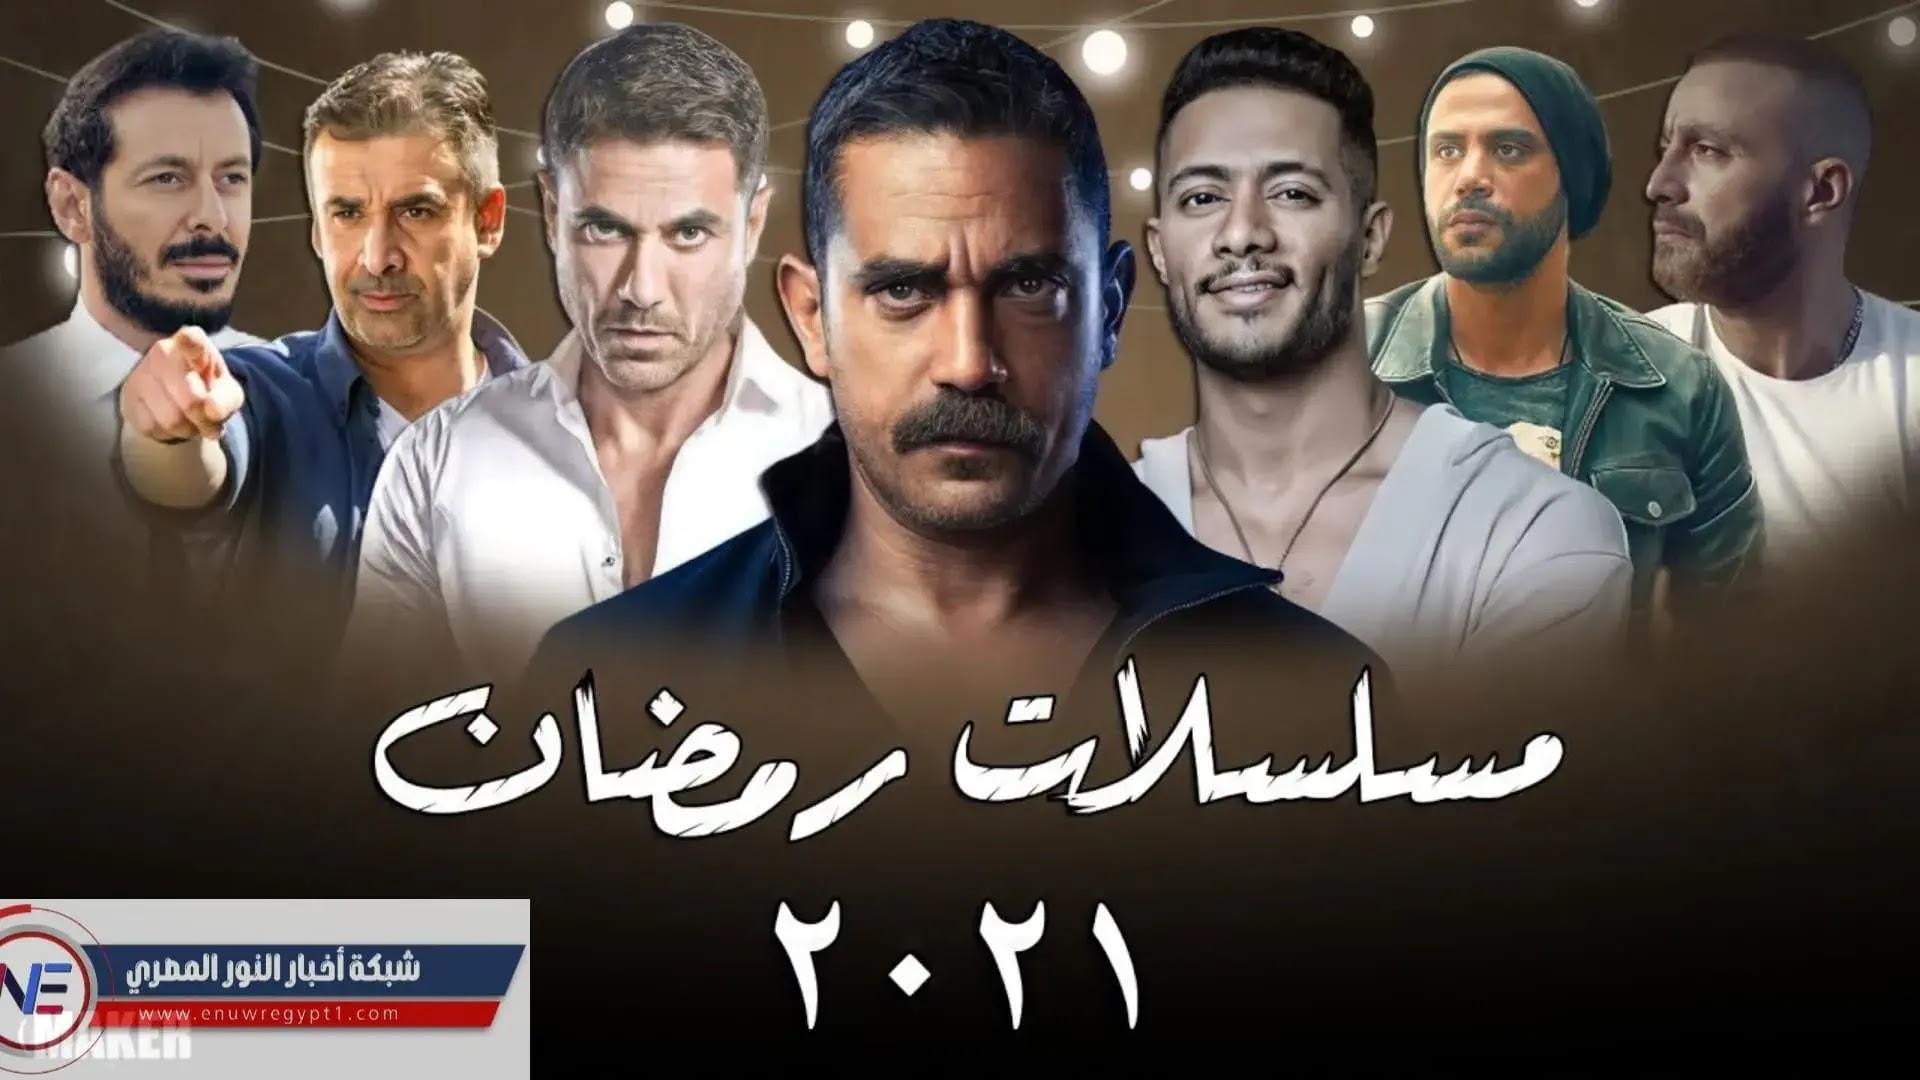 تحديث | مواعيد عرض مسلسلات رمضان 2021 و القنوات الناقلة | قائمة مسلسلات رمضان 2021 رمضان يجمعنا